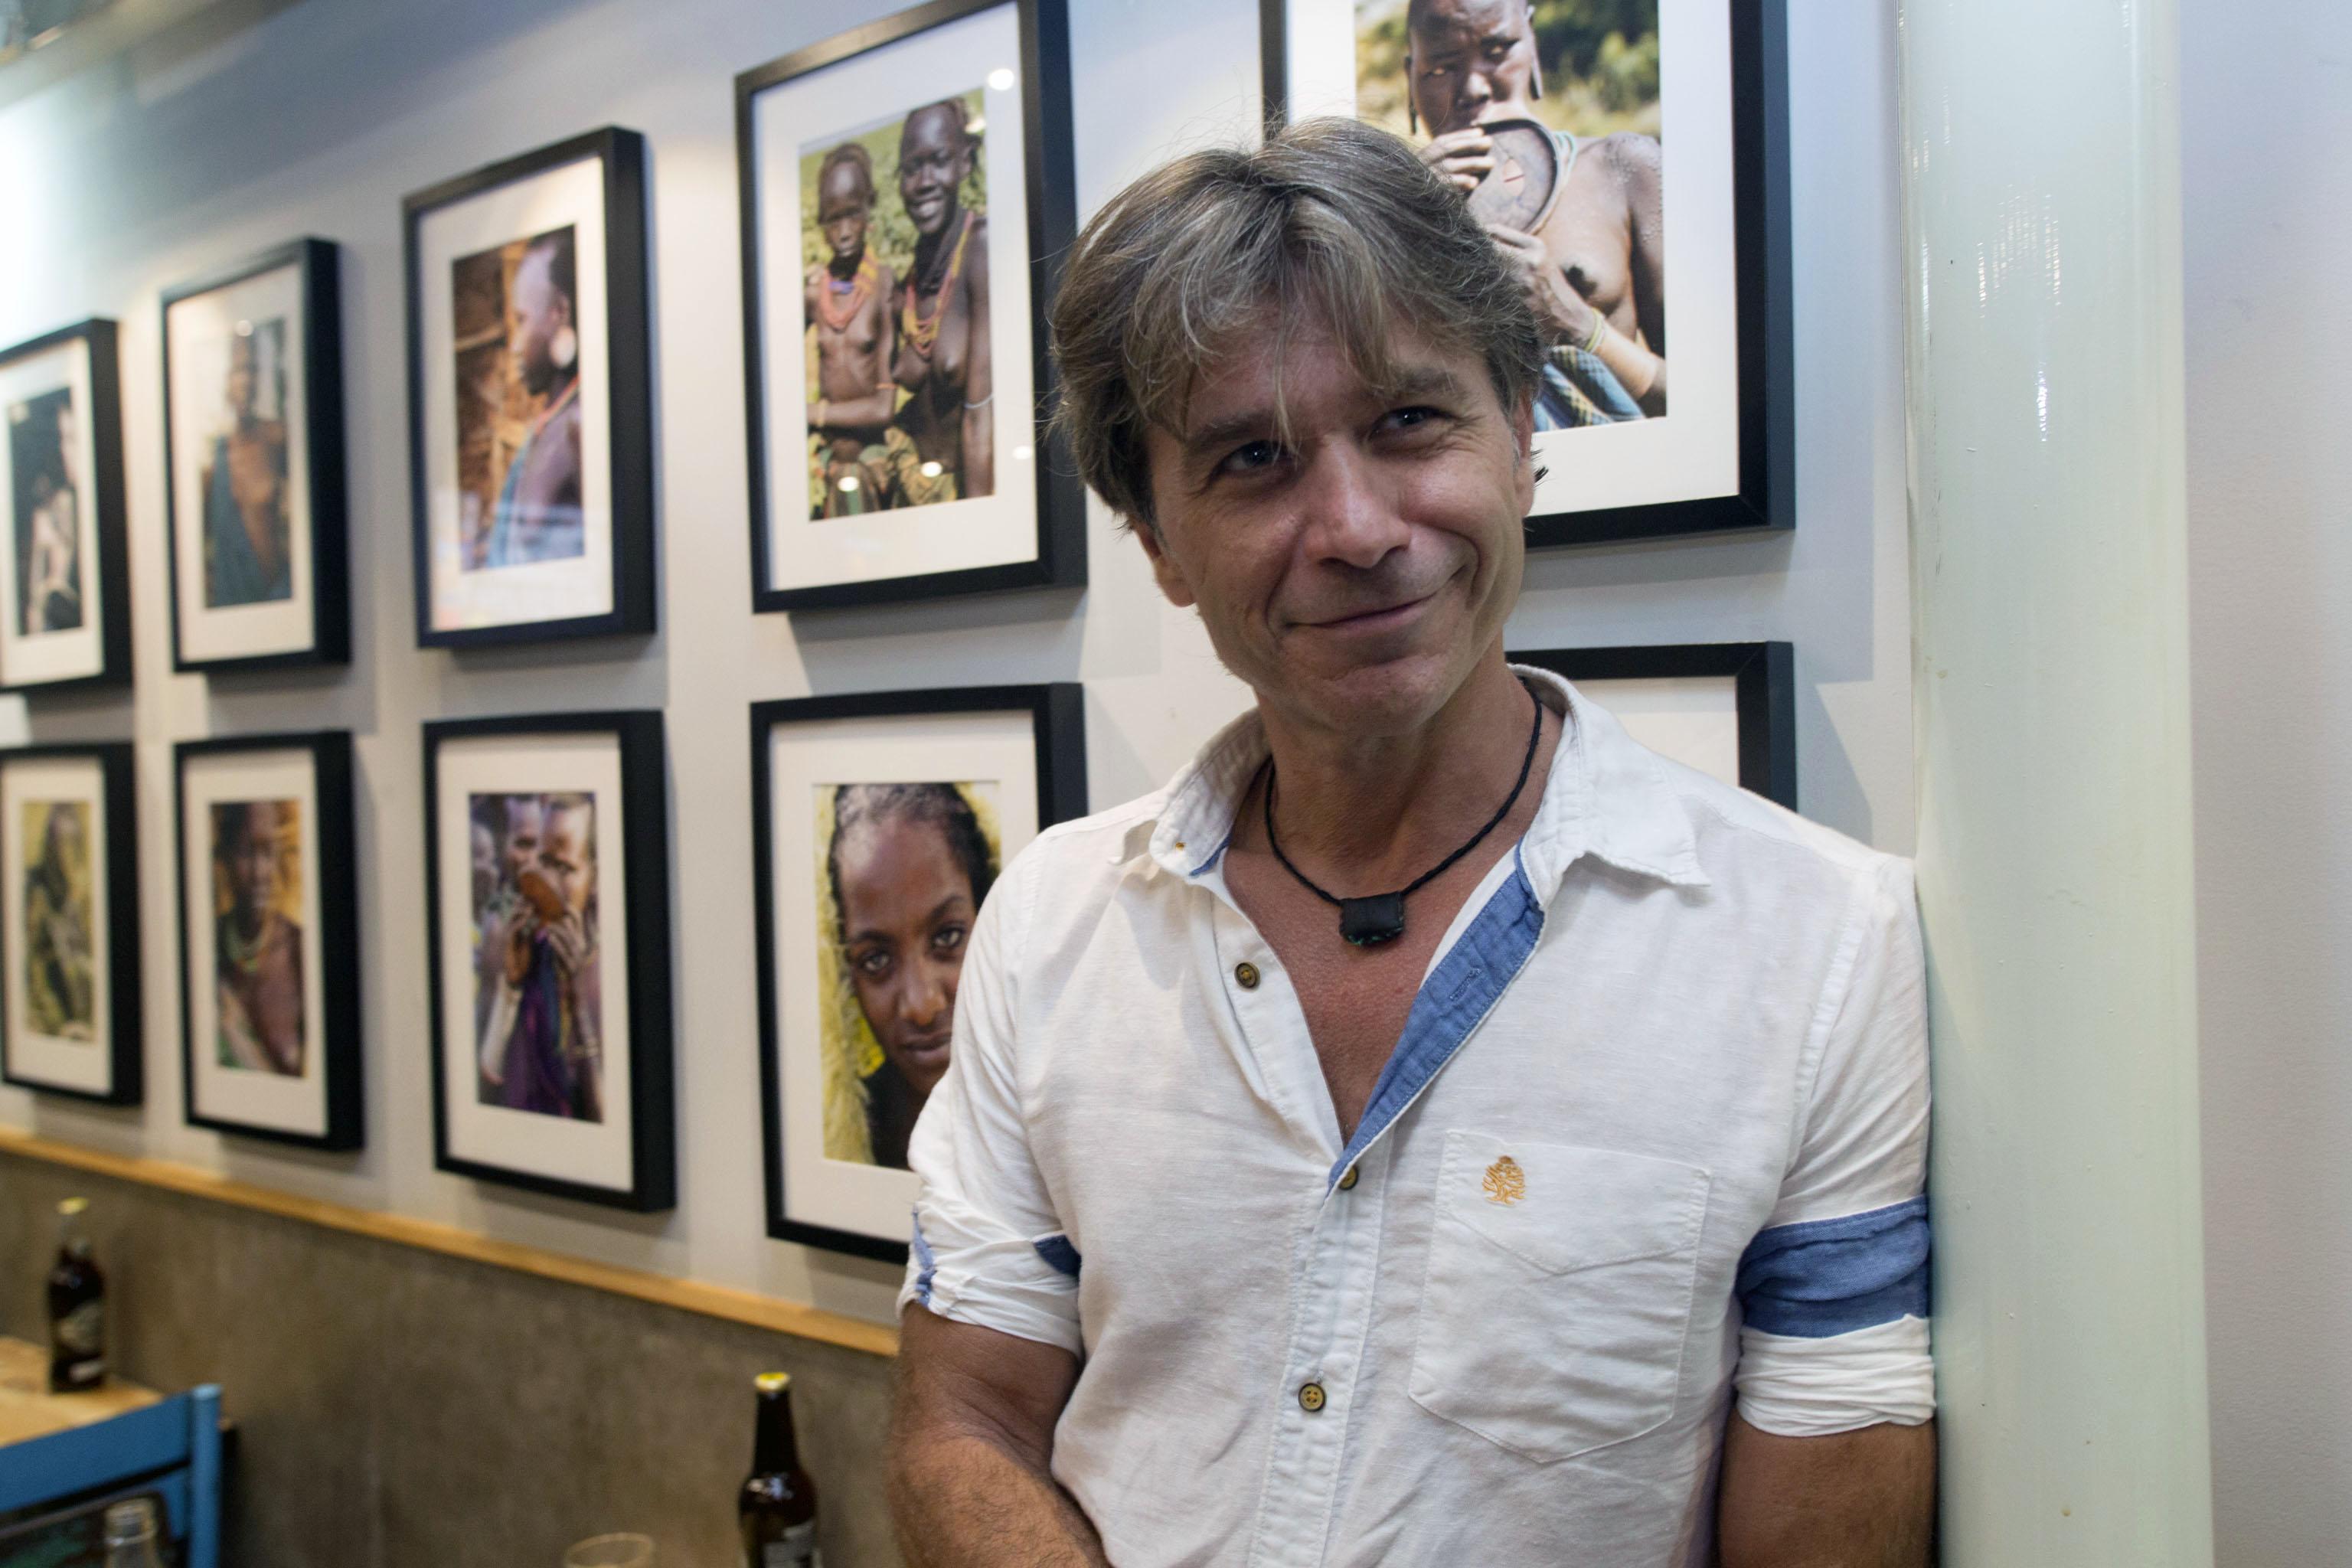 Luis Millet, inauguró exposición ayer martes, 11 de julio, en Las Cervezas del Mercado